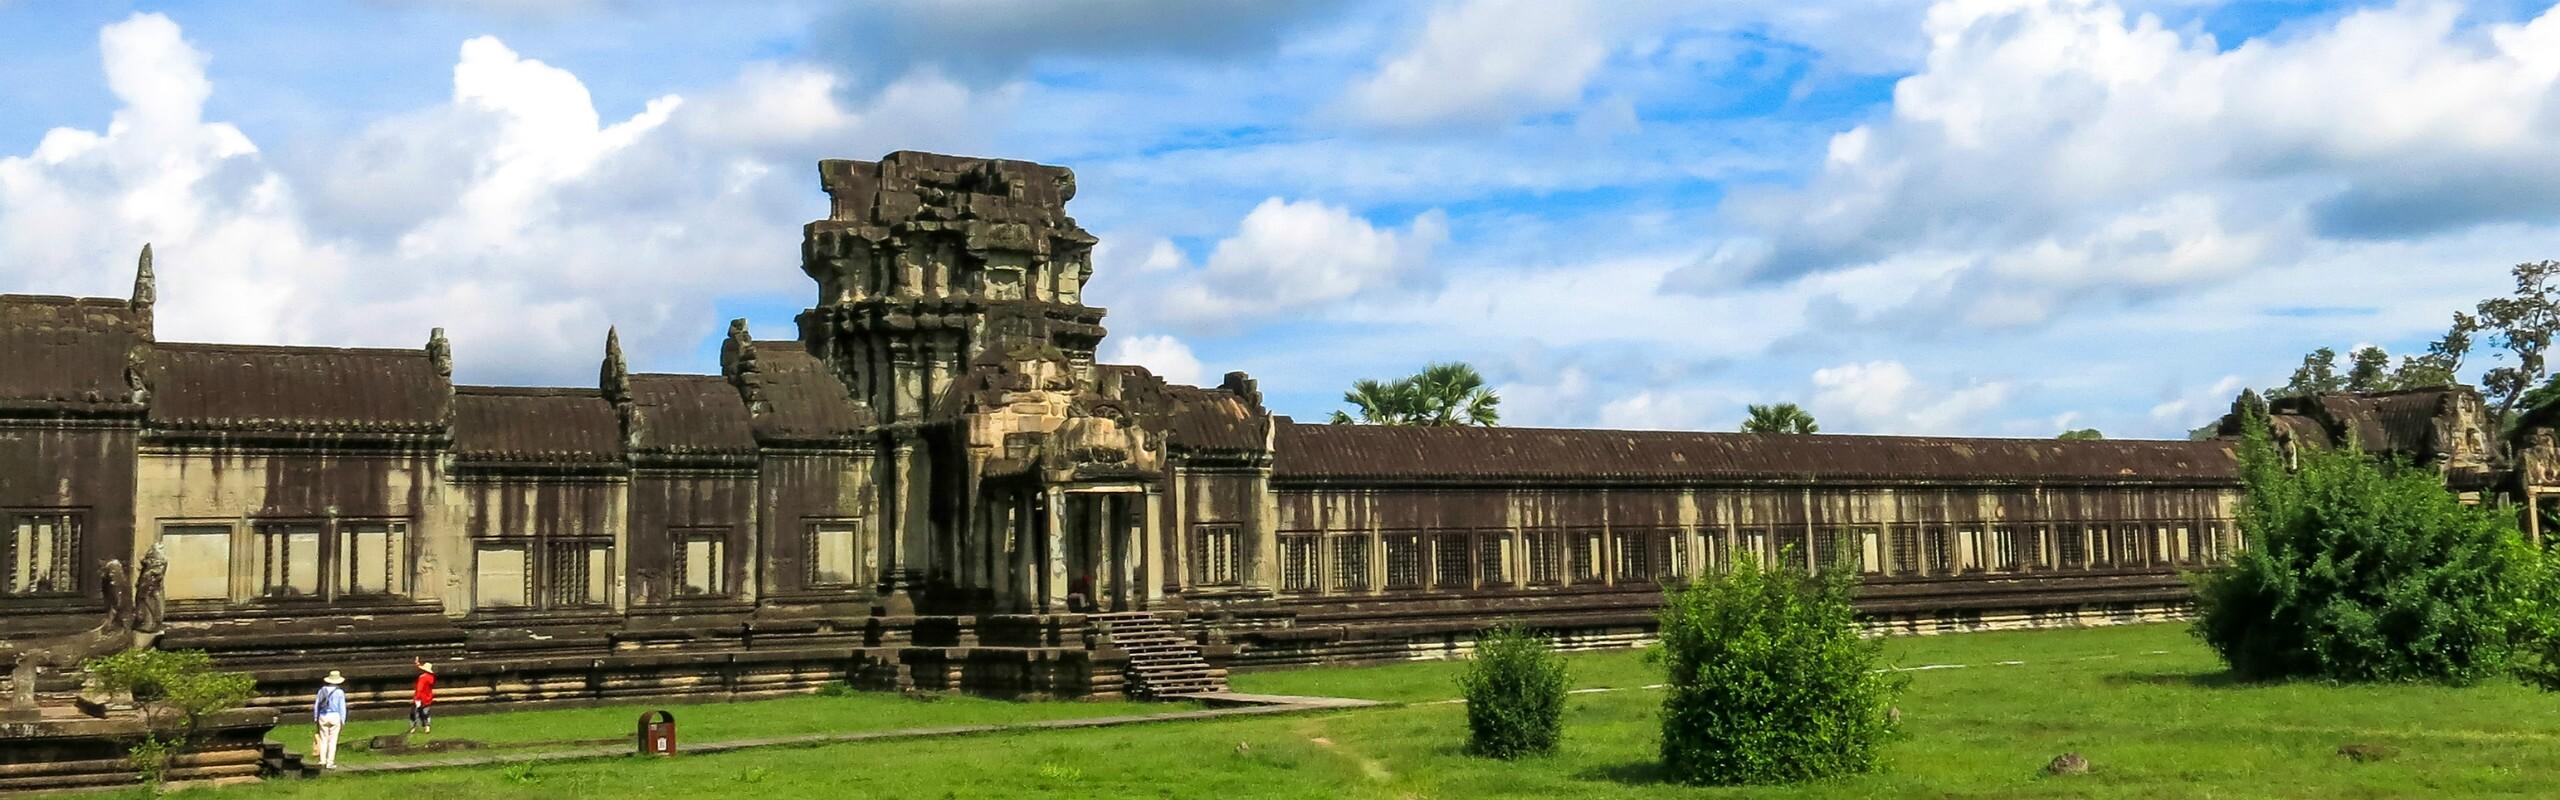 Top Reasons to Visit Angkor Wat